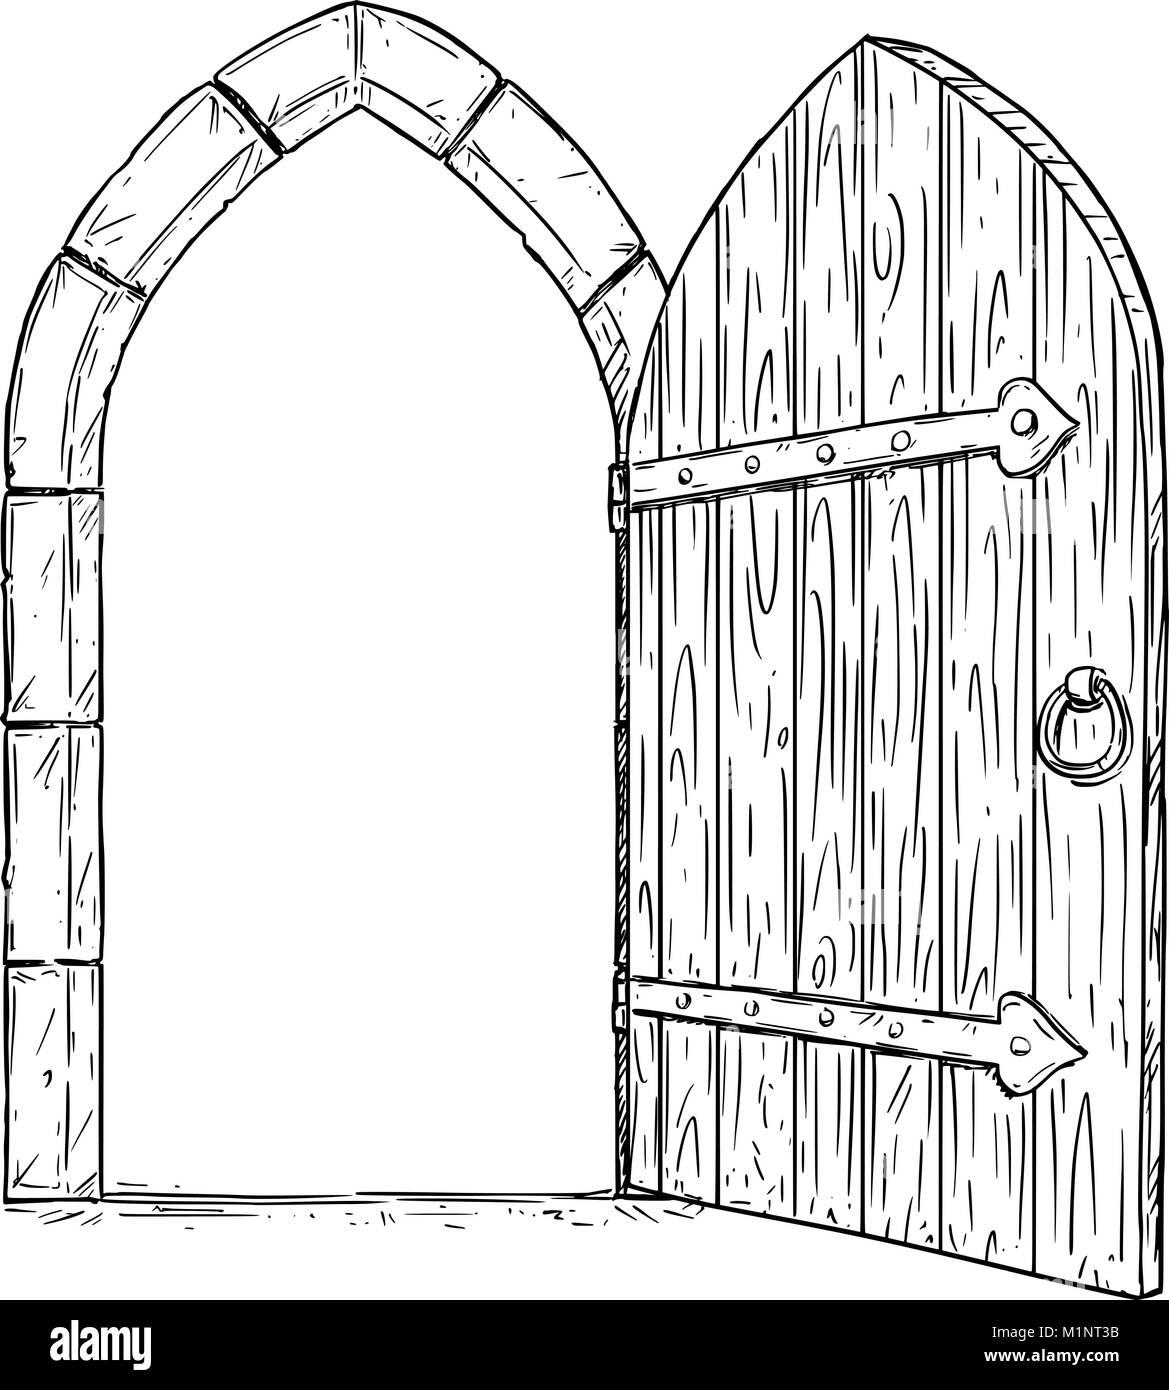 open door drawing clip art cartoon vector drawing of open wooden medieval decision door stock